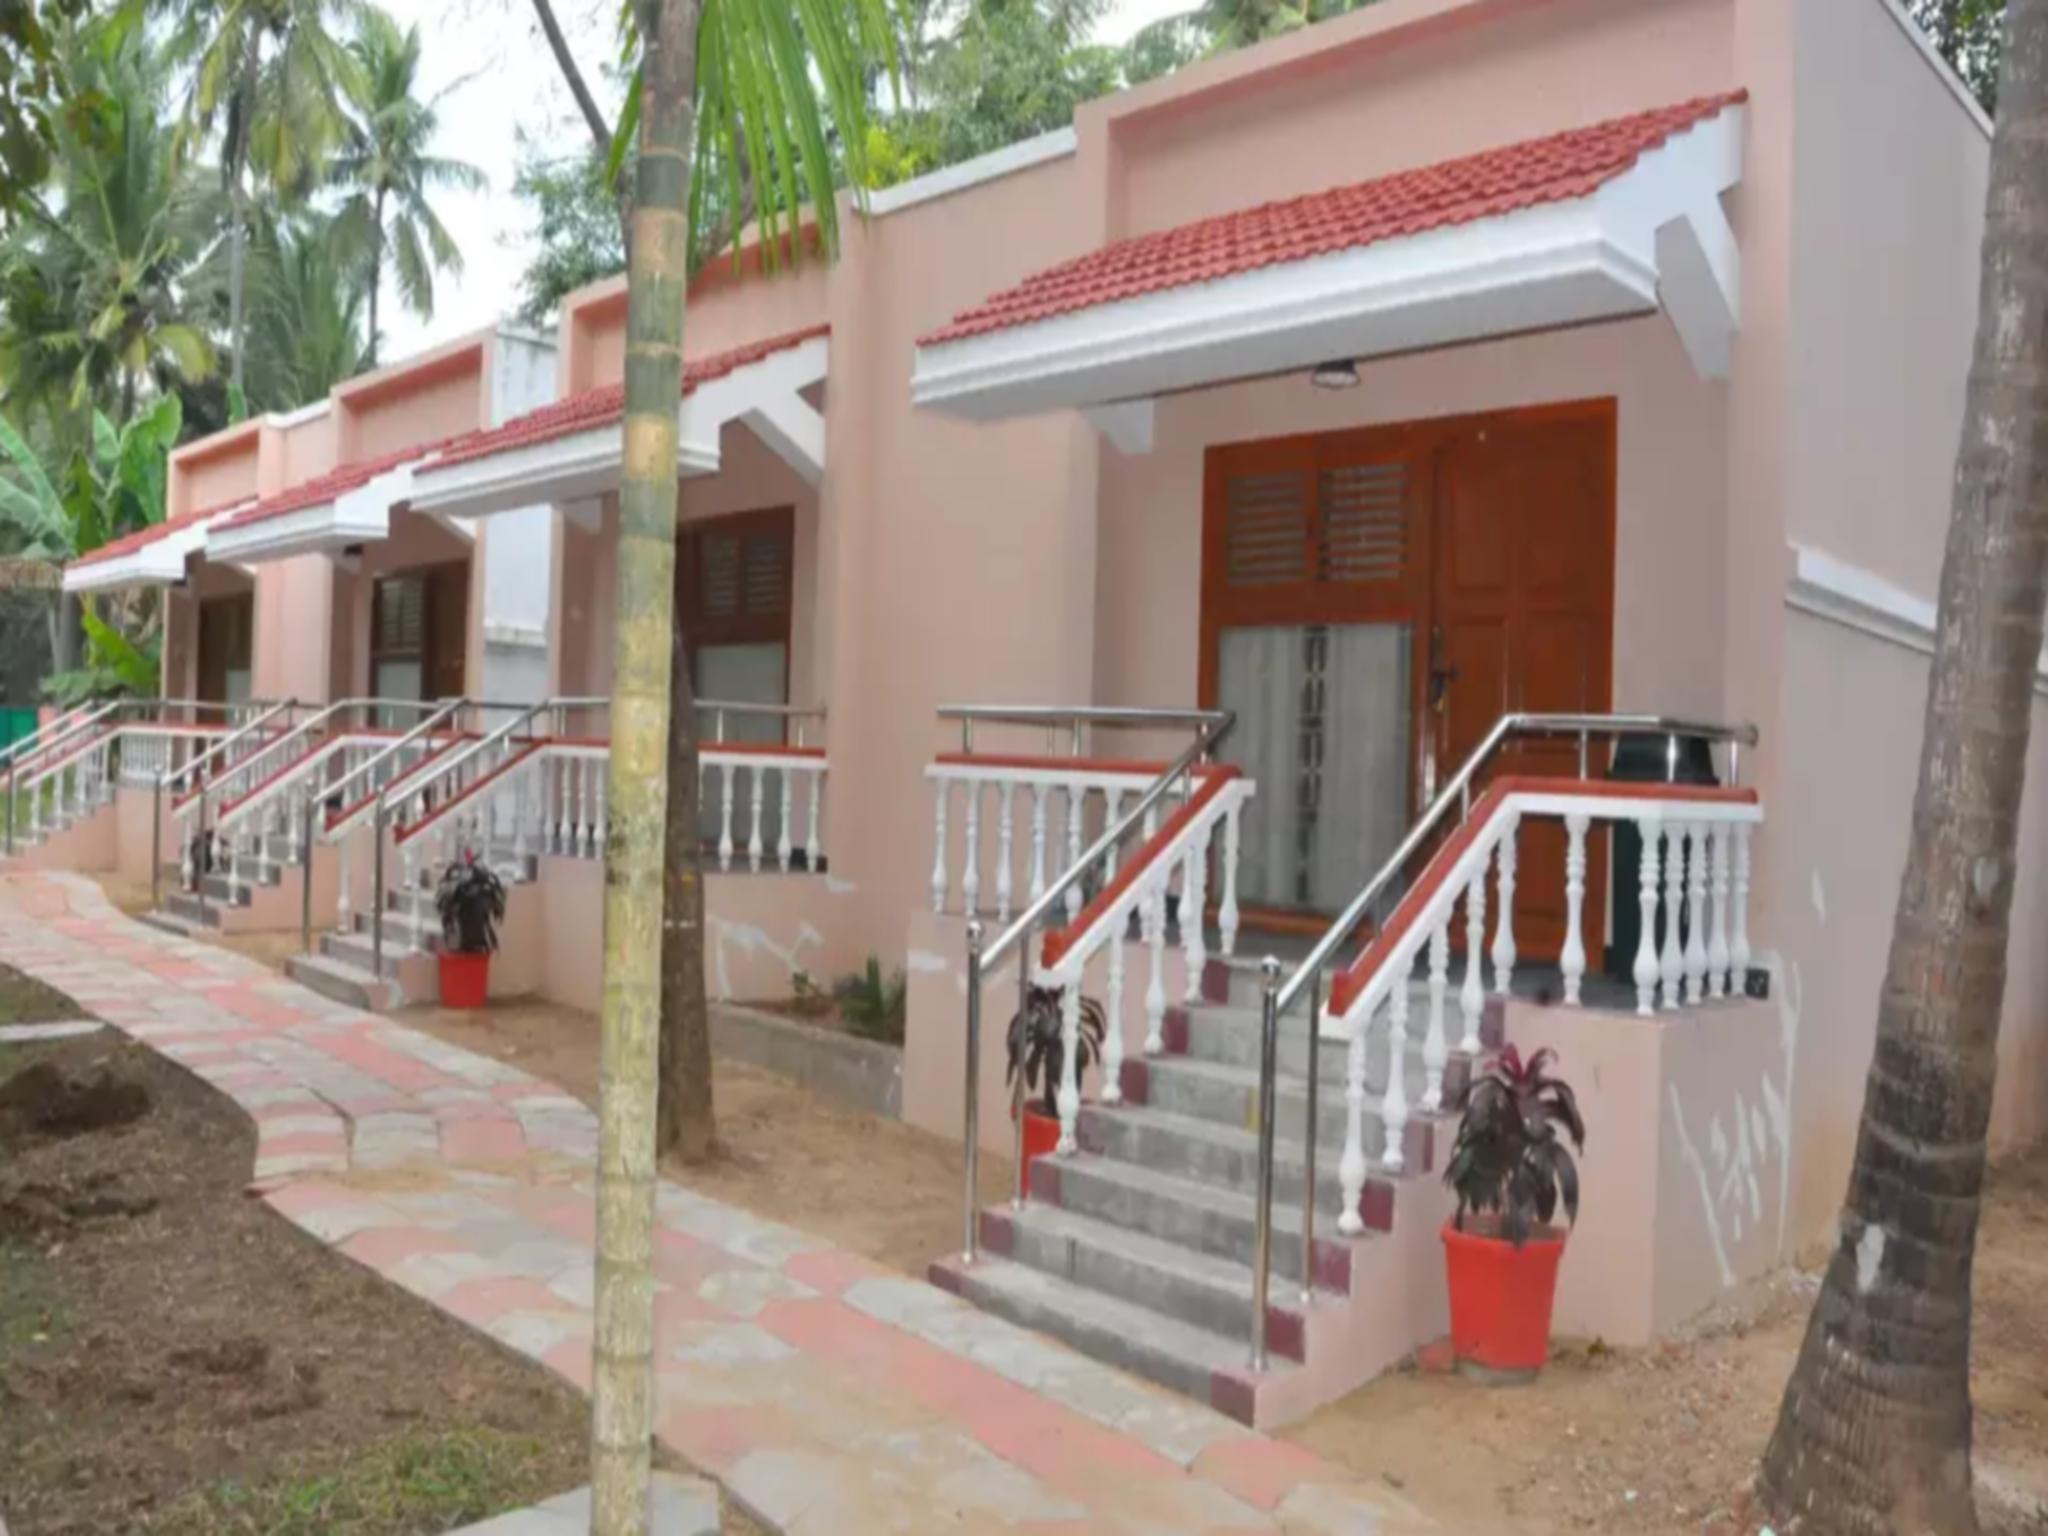 Hotel Sadhabishegam Ramalinga vilas - Manakudi Village, Thanjavur